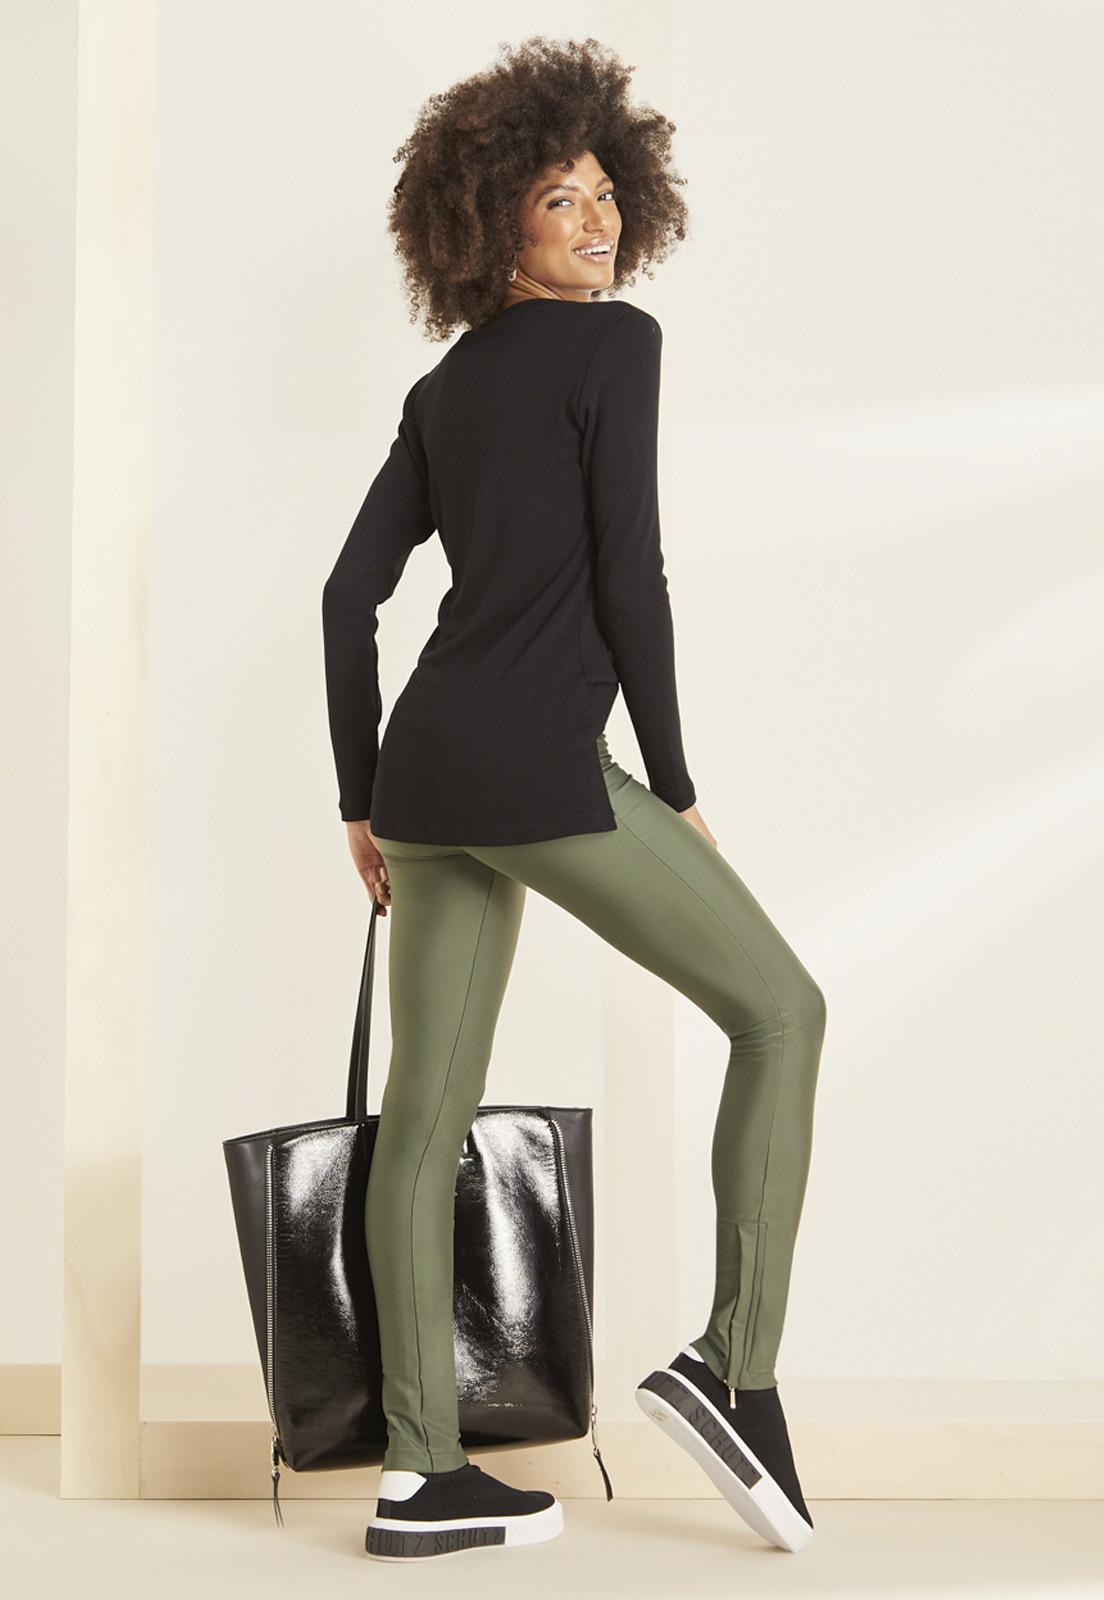 T-shirt Diana Preta + Calça Basic Prada Verde